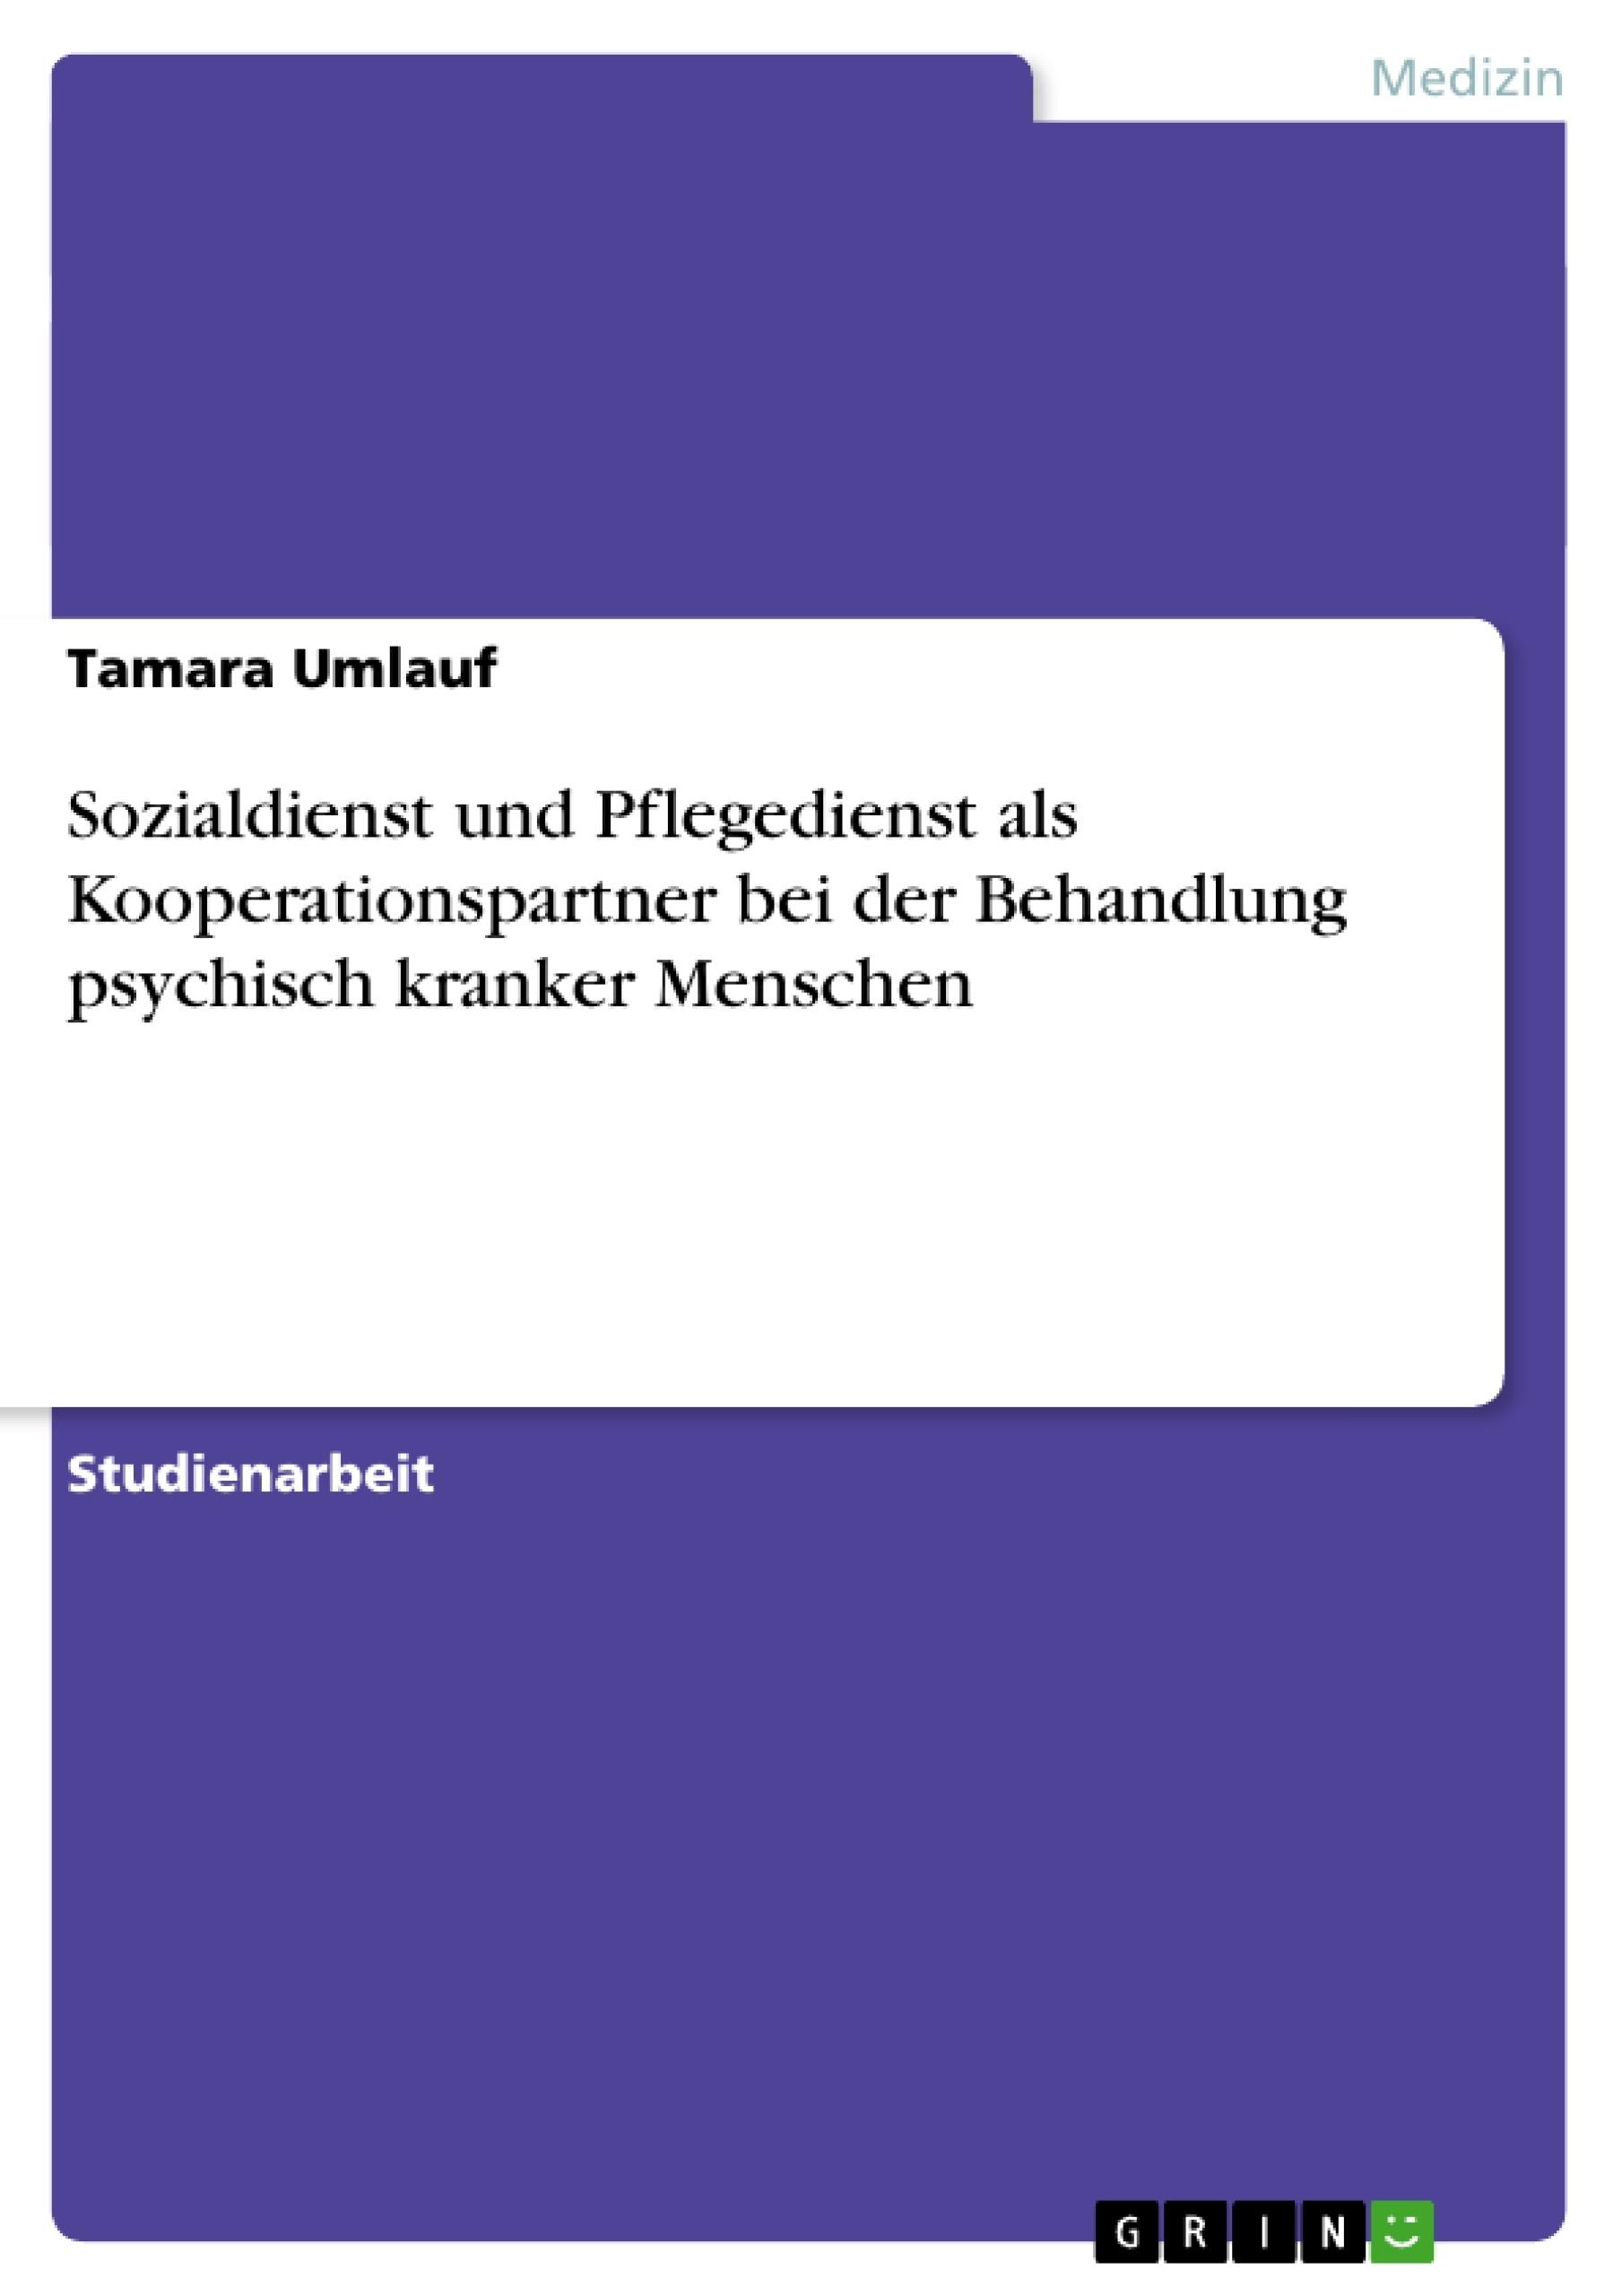 Titel: Sozialdienst und Pflegedienst als Kooperationspartner bei der Behandlung psychisch kranker Menschen